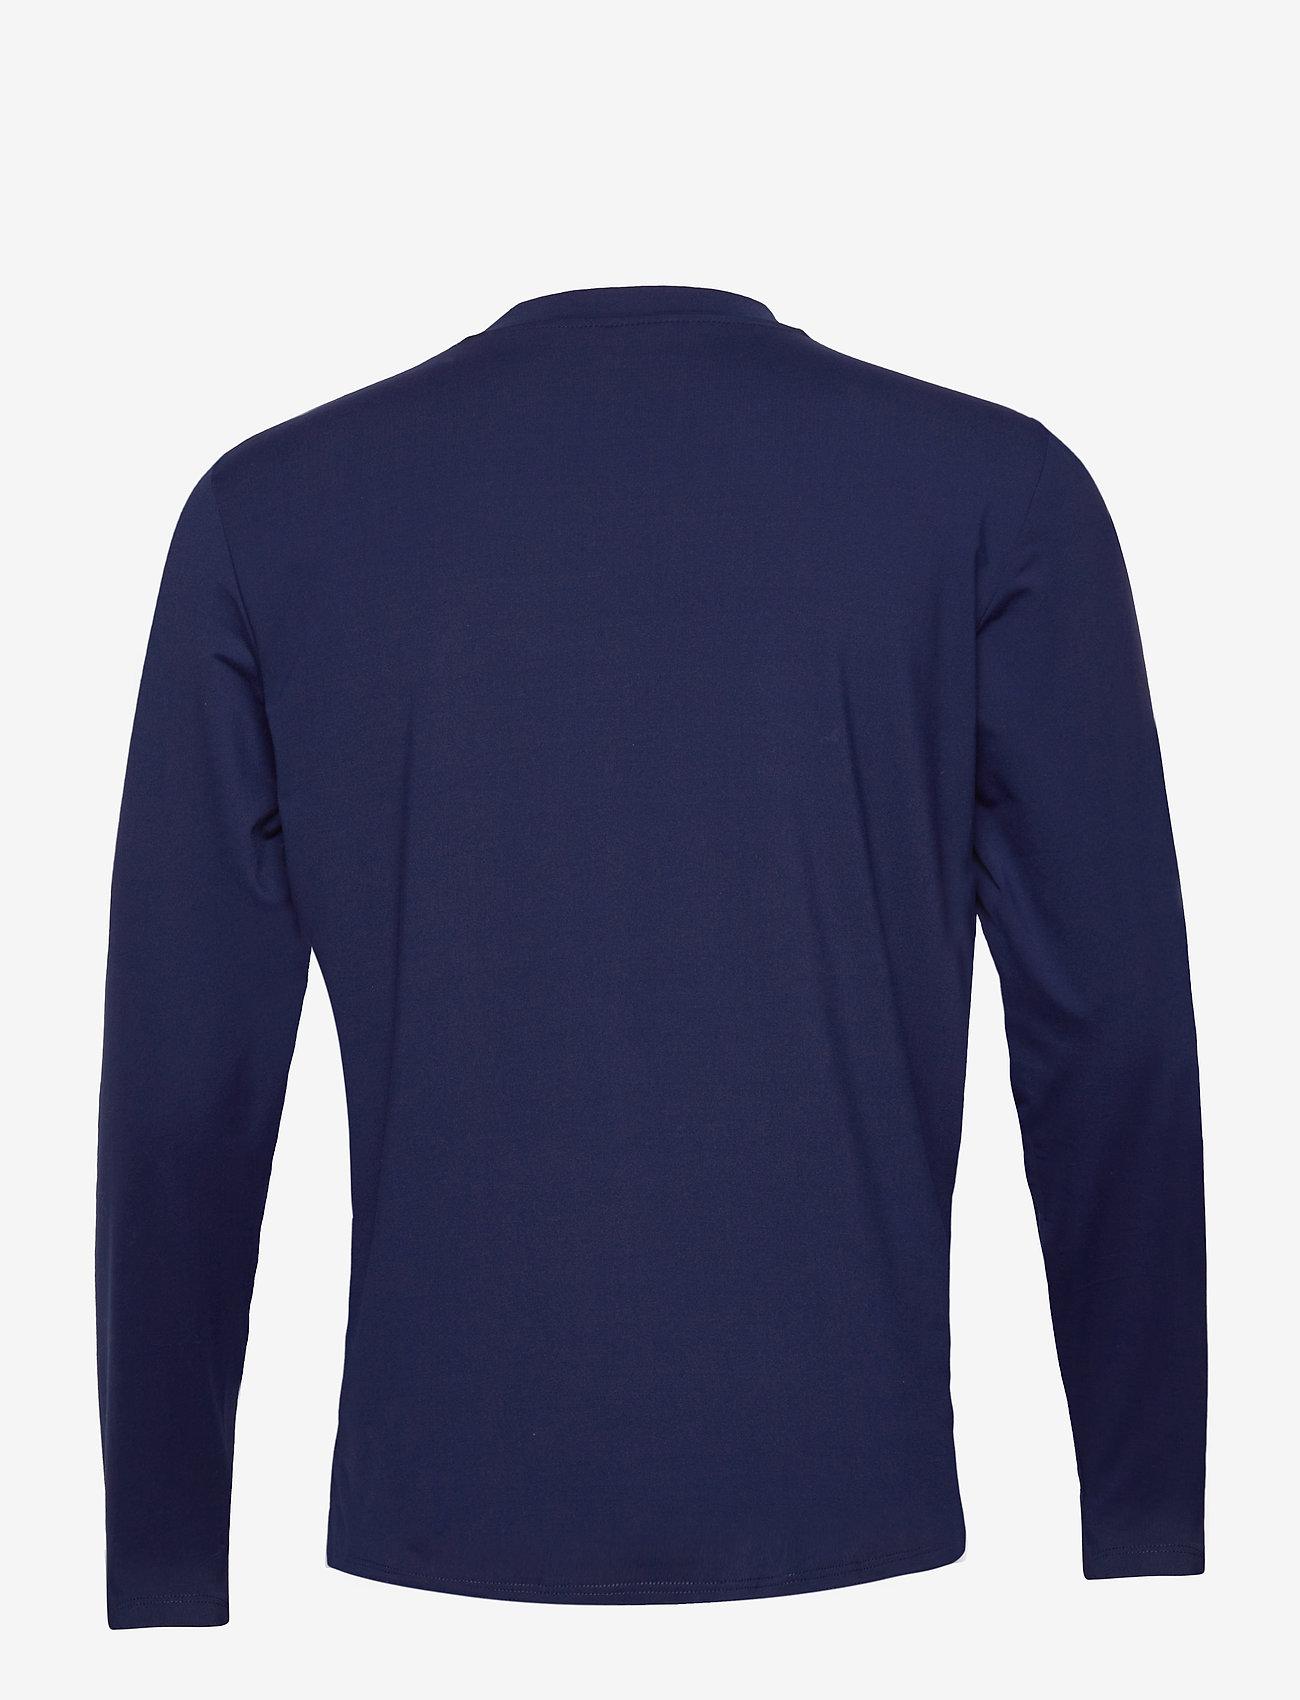 Hummel hmlMARLEY T-SHIRT L/S - T-skjorter MEDIEVAL BLUE - Menn Klær